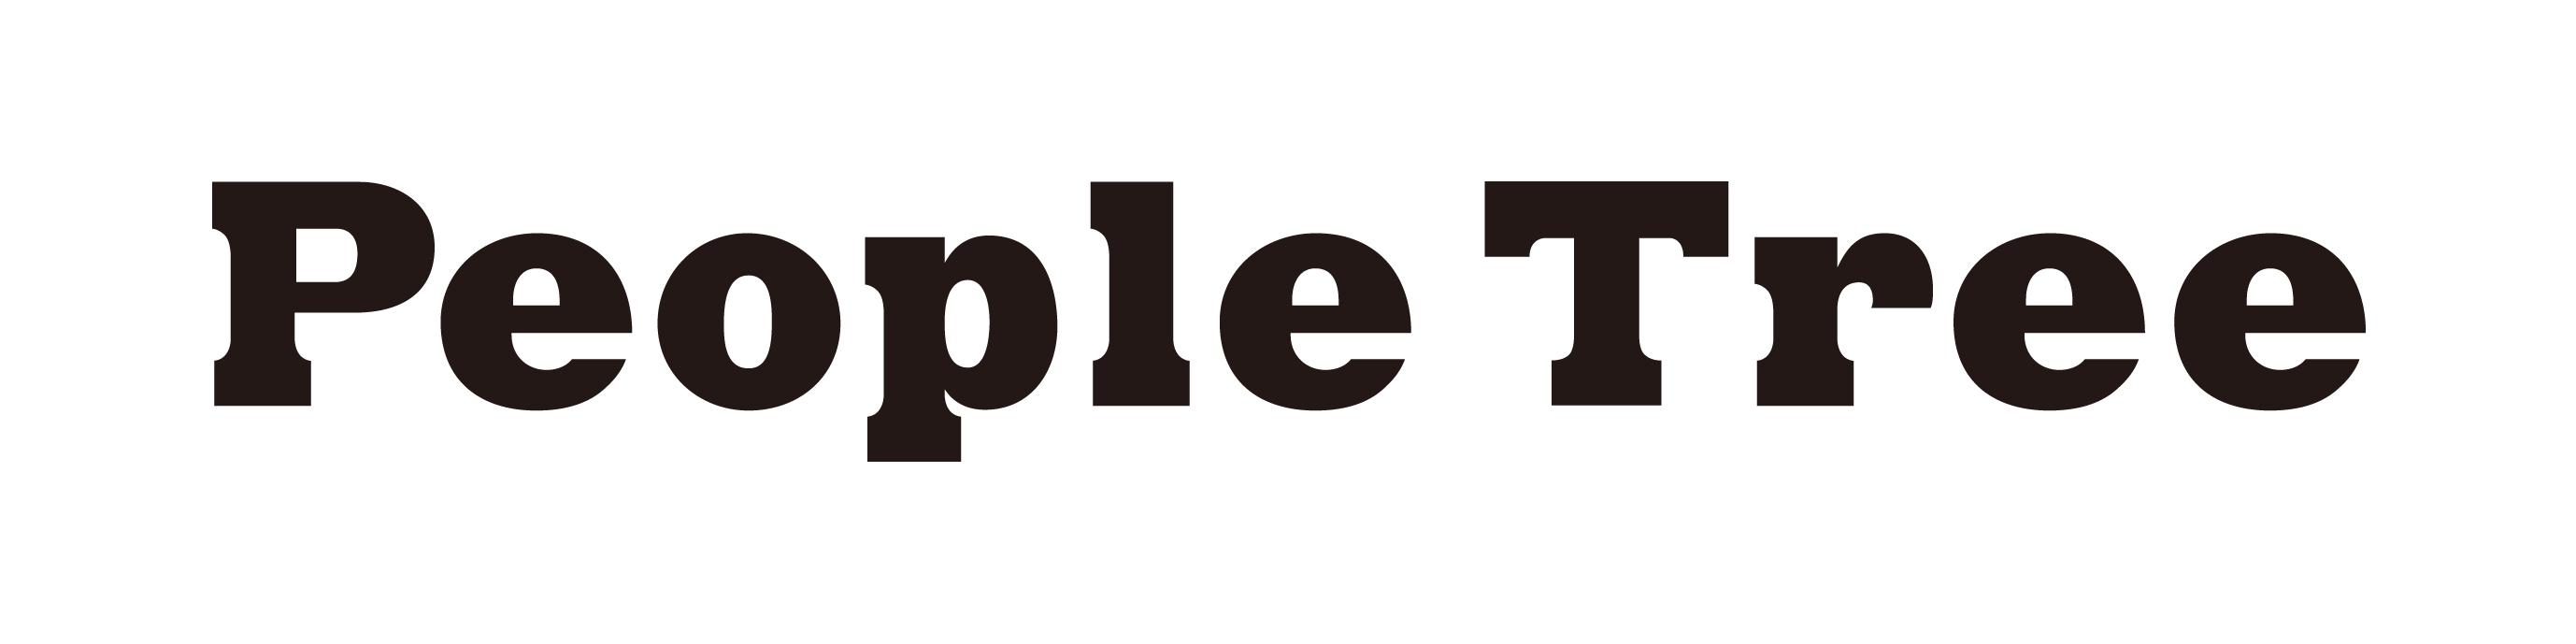 PeopleTree-logo.jpg.w2os6jn